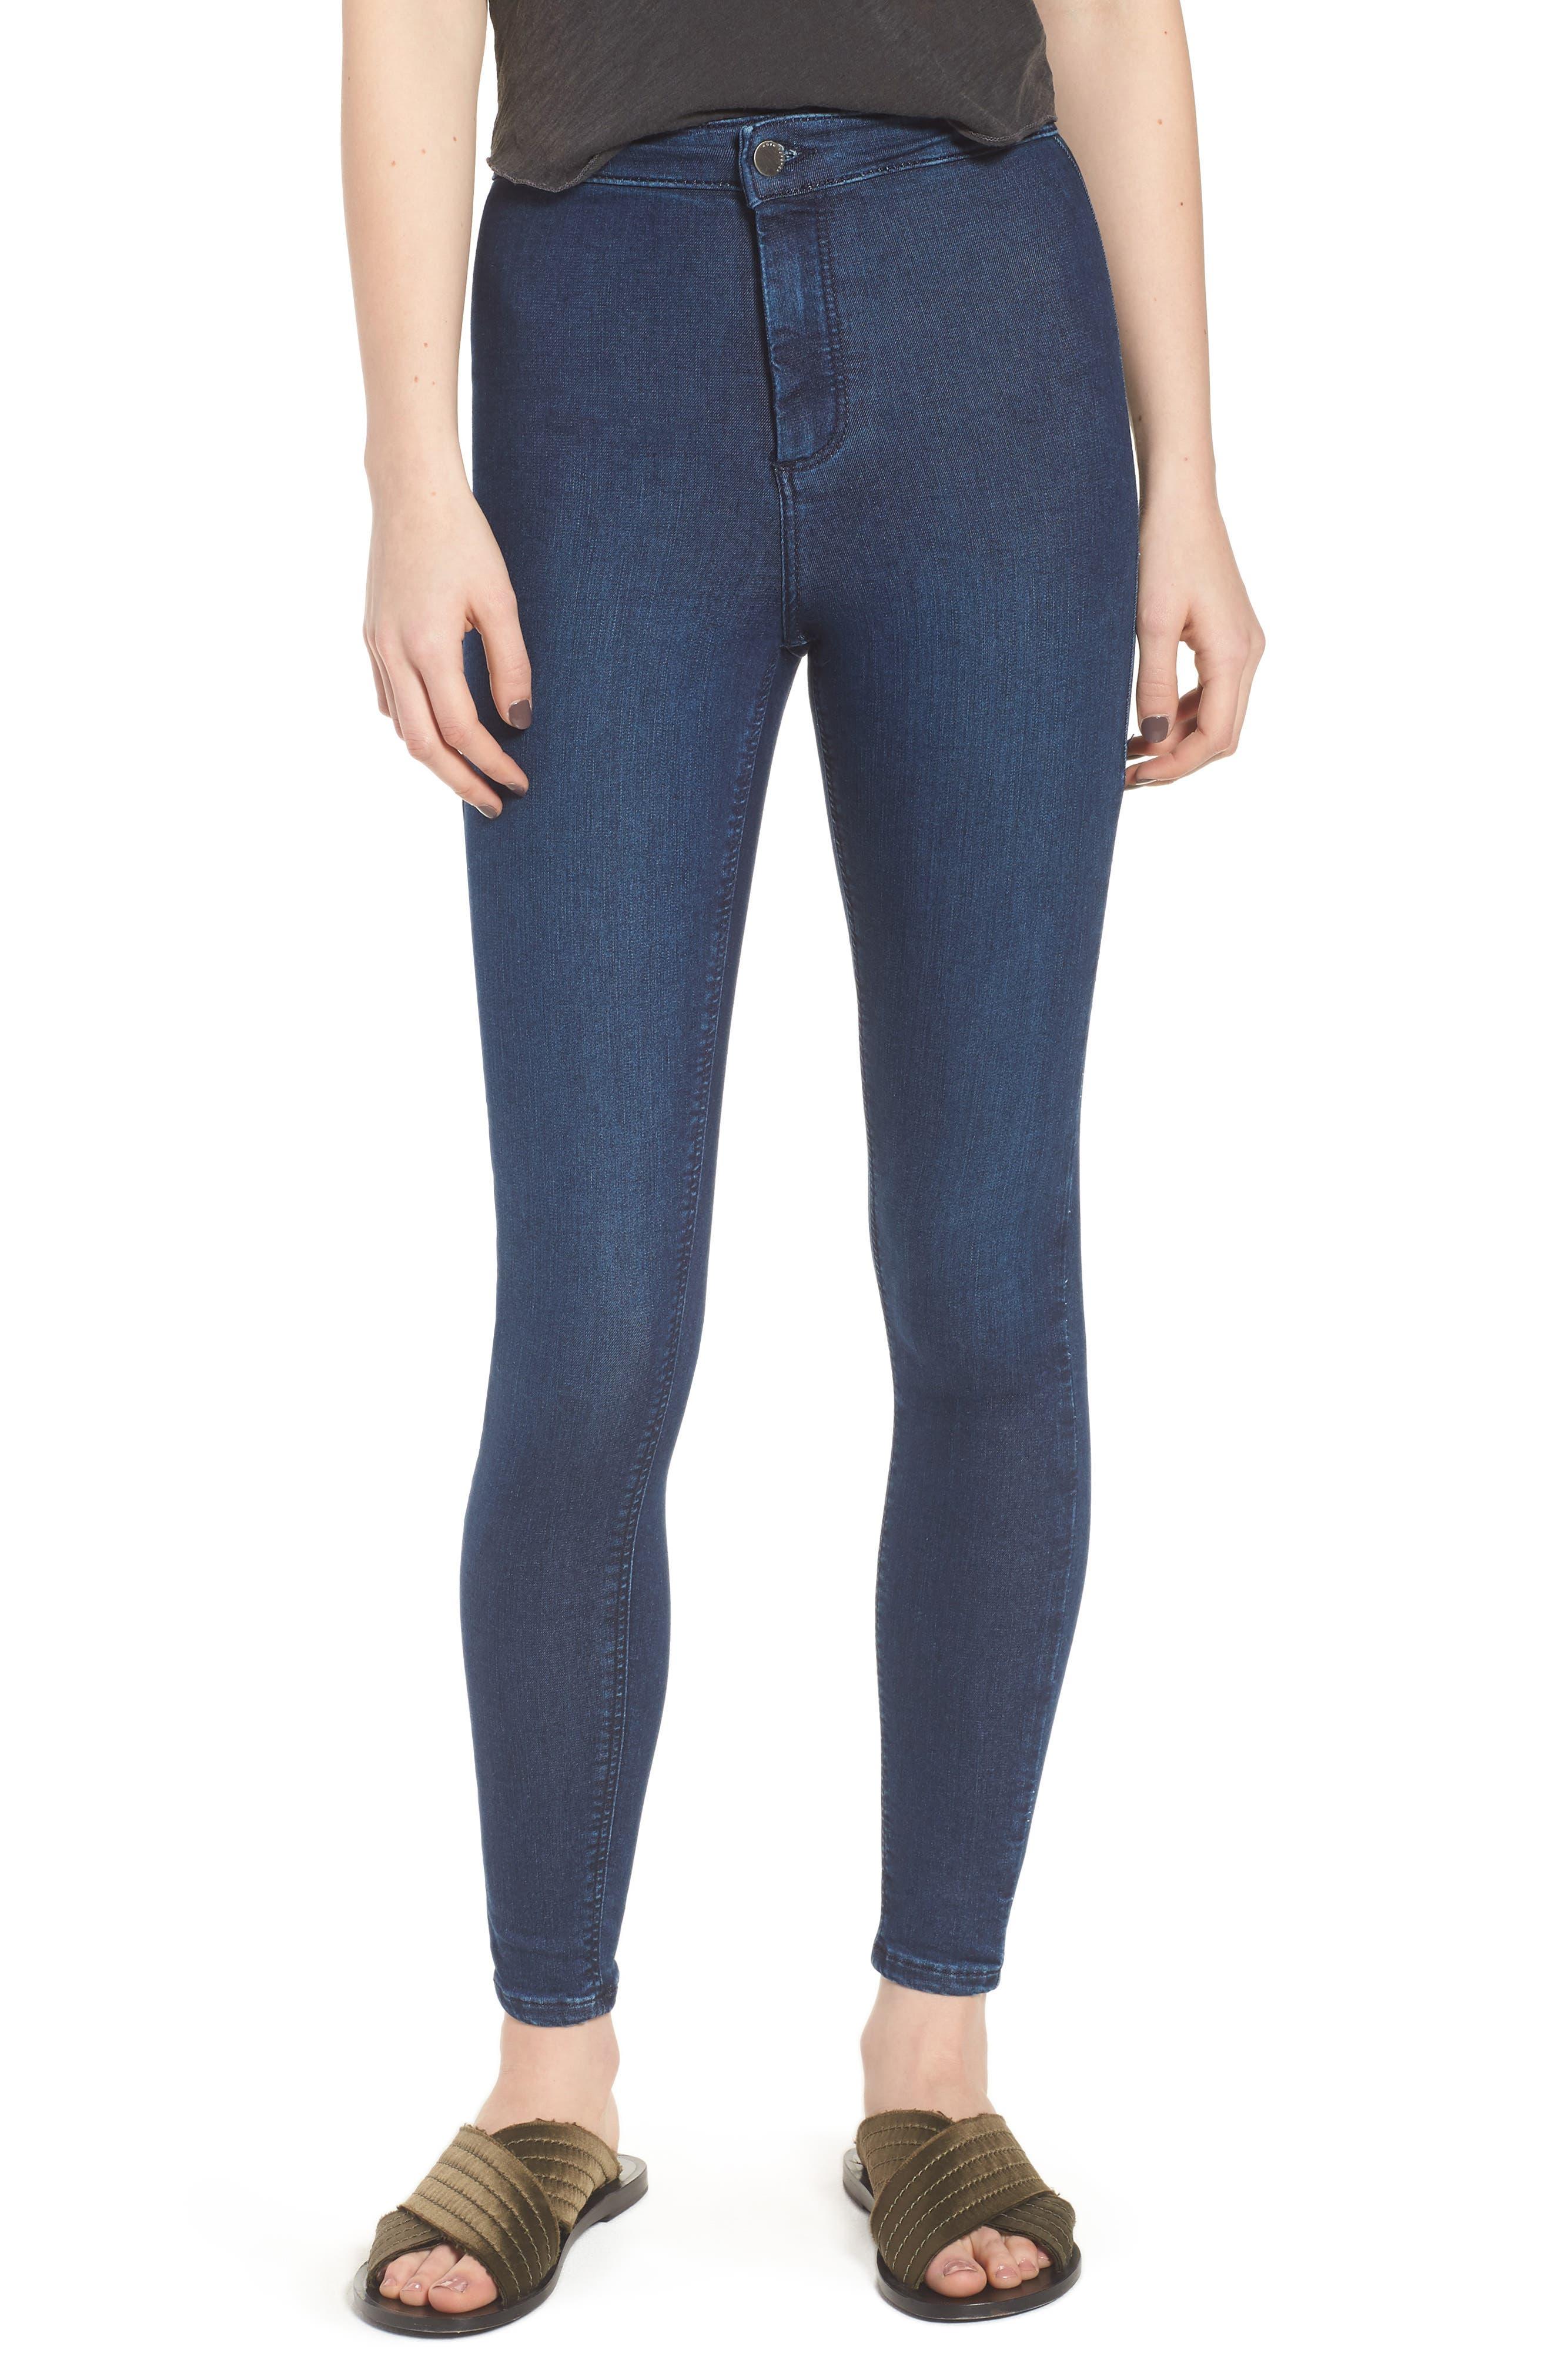 Moto 'Joni' Super Skinny Jeans,                             Main thumbnail 1, color,                             Navy Blue